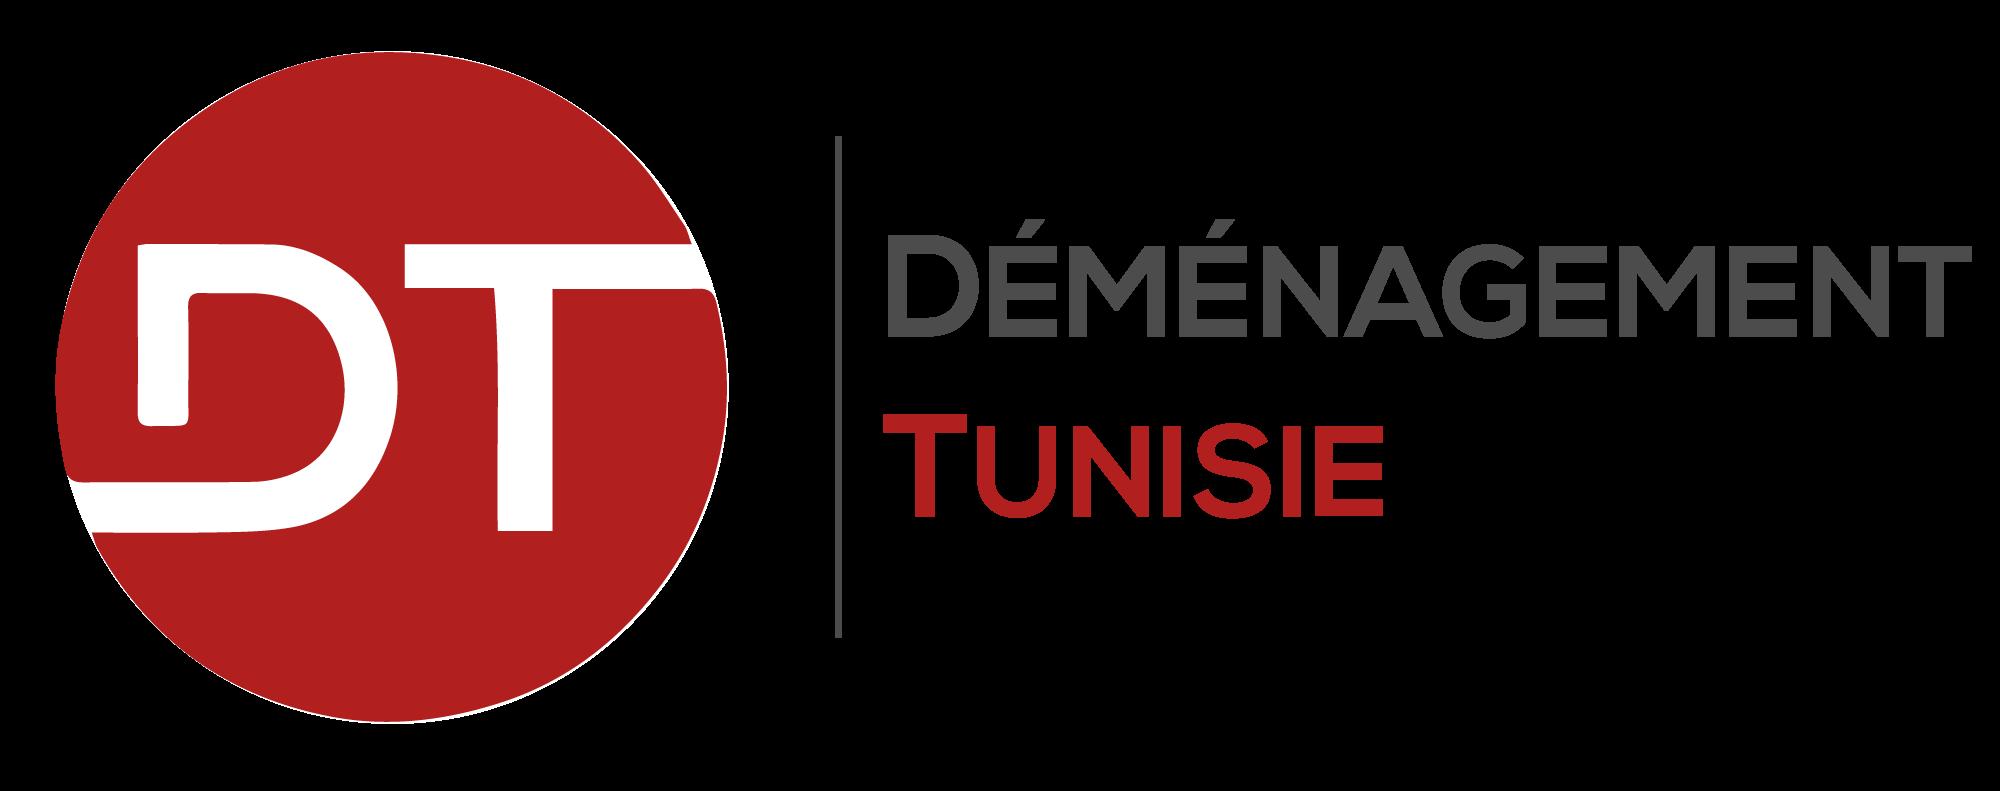 dt-demenagementtunisie.com